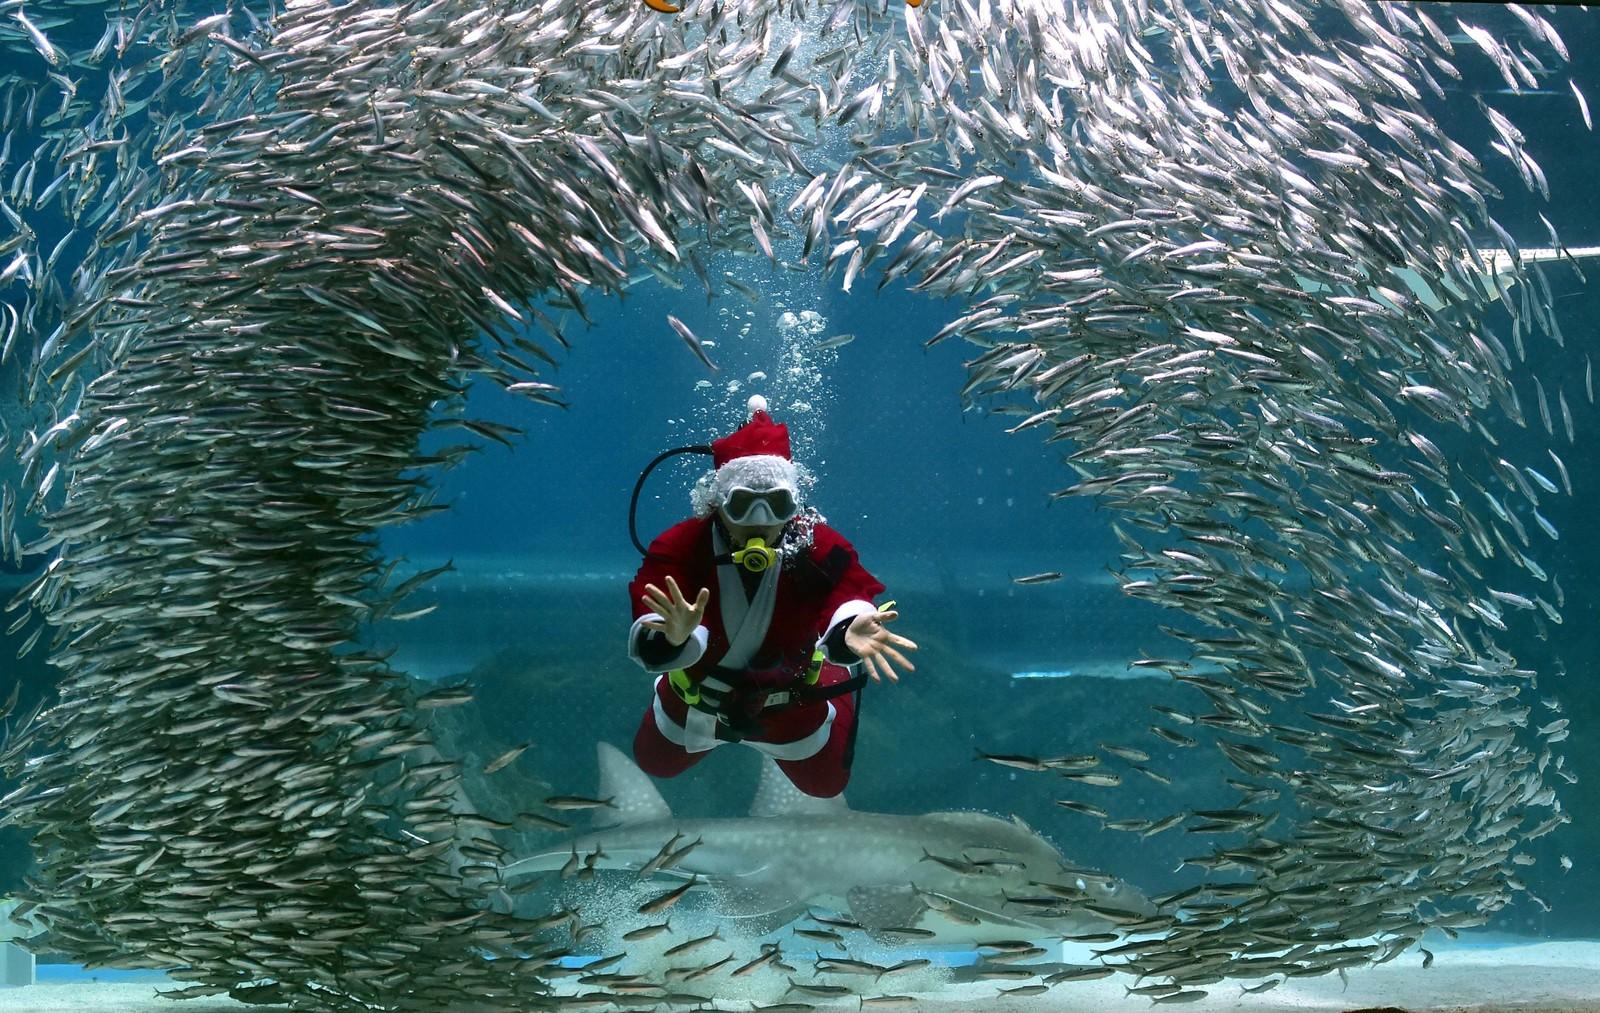 En sør-koreansk dykker ikledd julenissedrakt svømmer blant fisk i akvariet i Seoul.